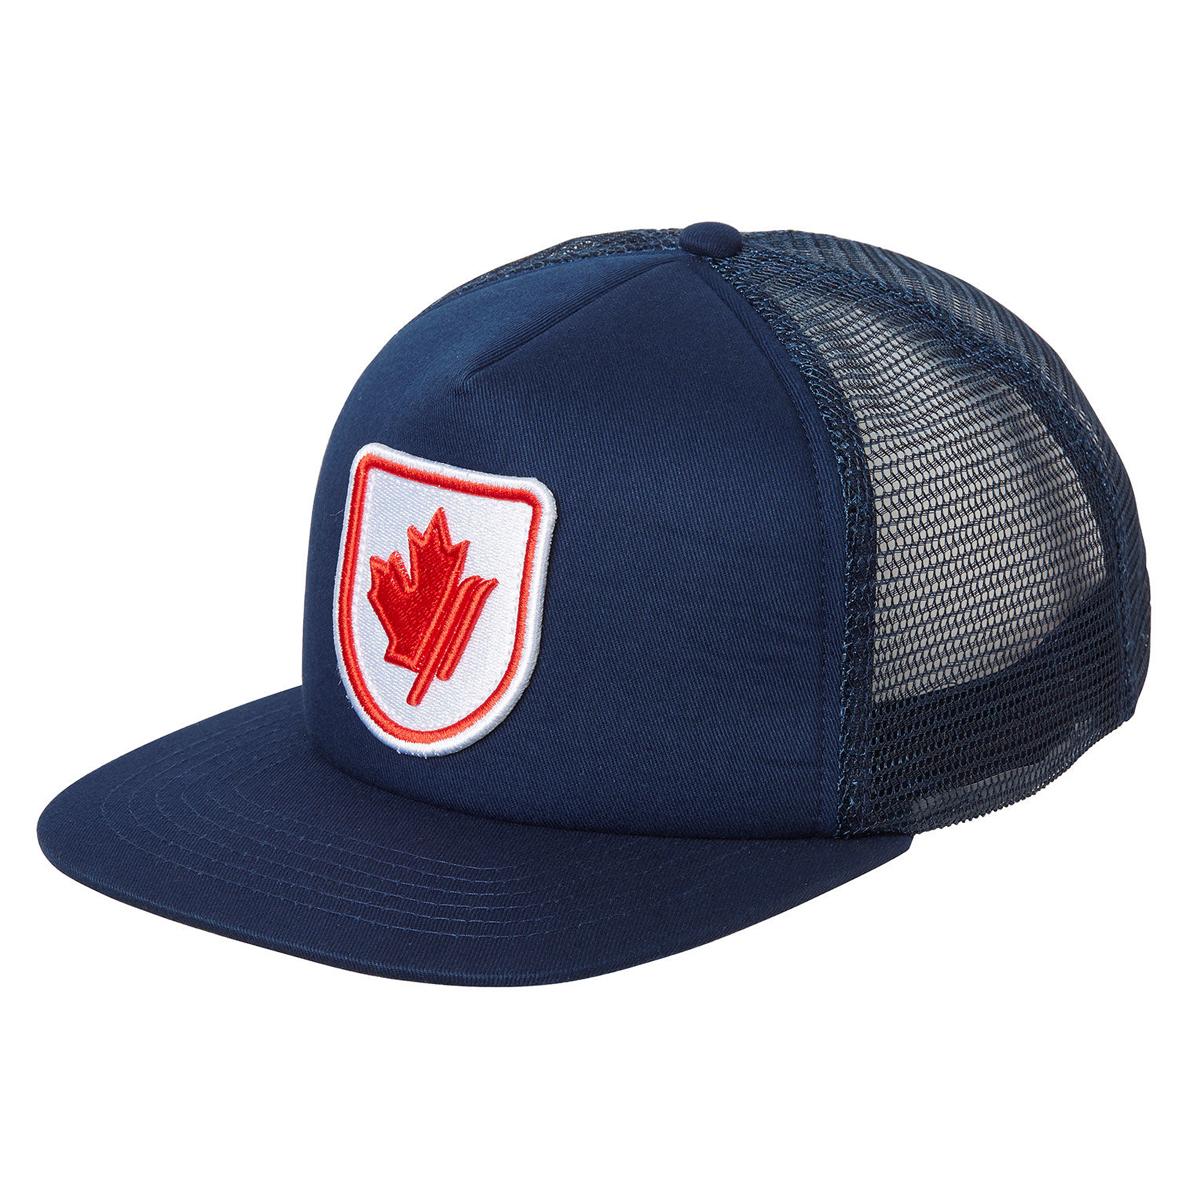 HELLY HANSEN HH FLATBRIM TRUCKER CAP (67155)